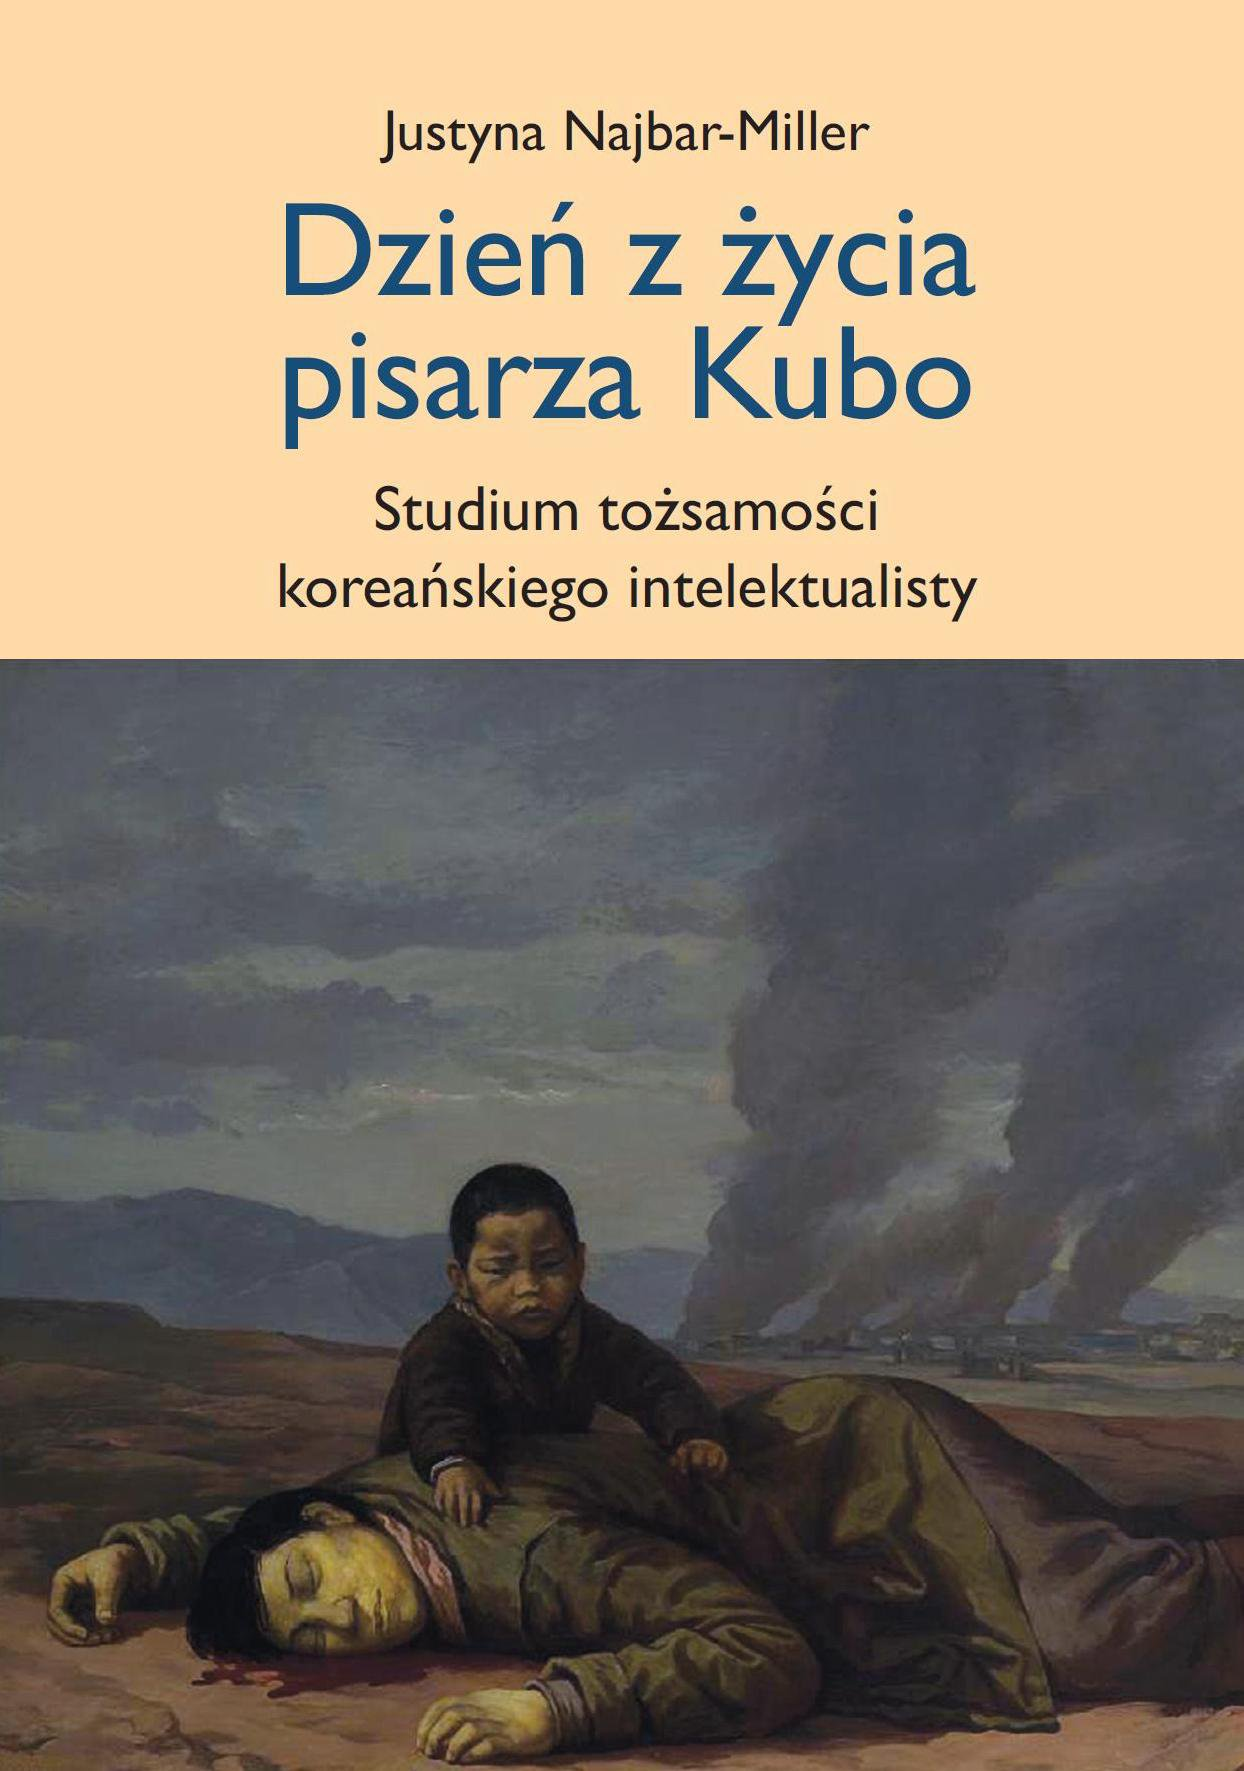 Dzień z życia pisarza Kubo - Ebook (Książka PDF) do pobrania w formacie PDF